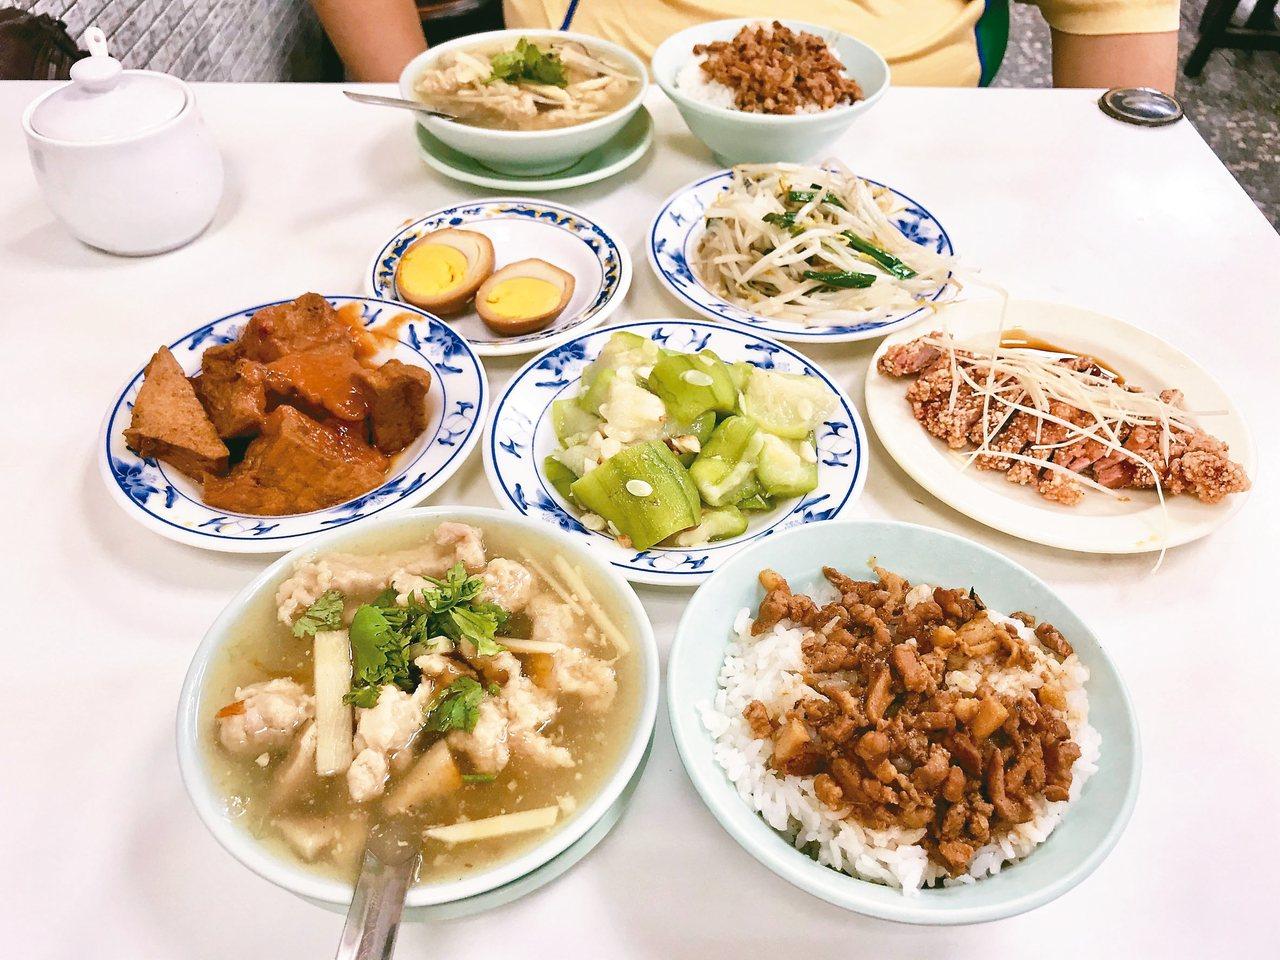 為了健康而制定的均衡外食公式,在面對不油的滷肉飯和炒青菜,內心沒有很快樂。 圖/...